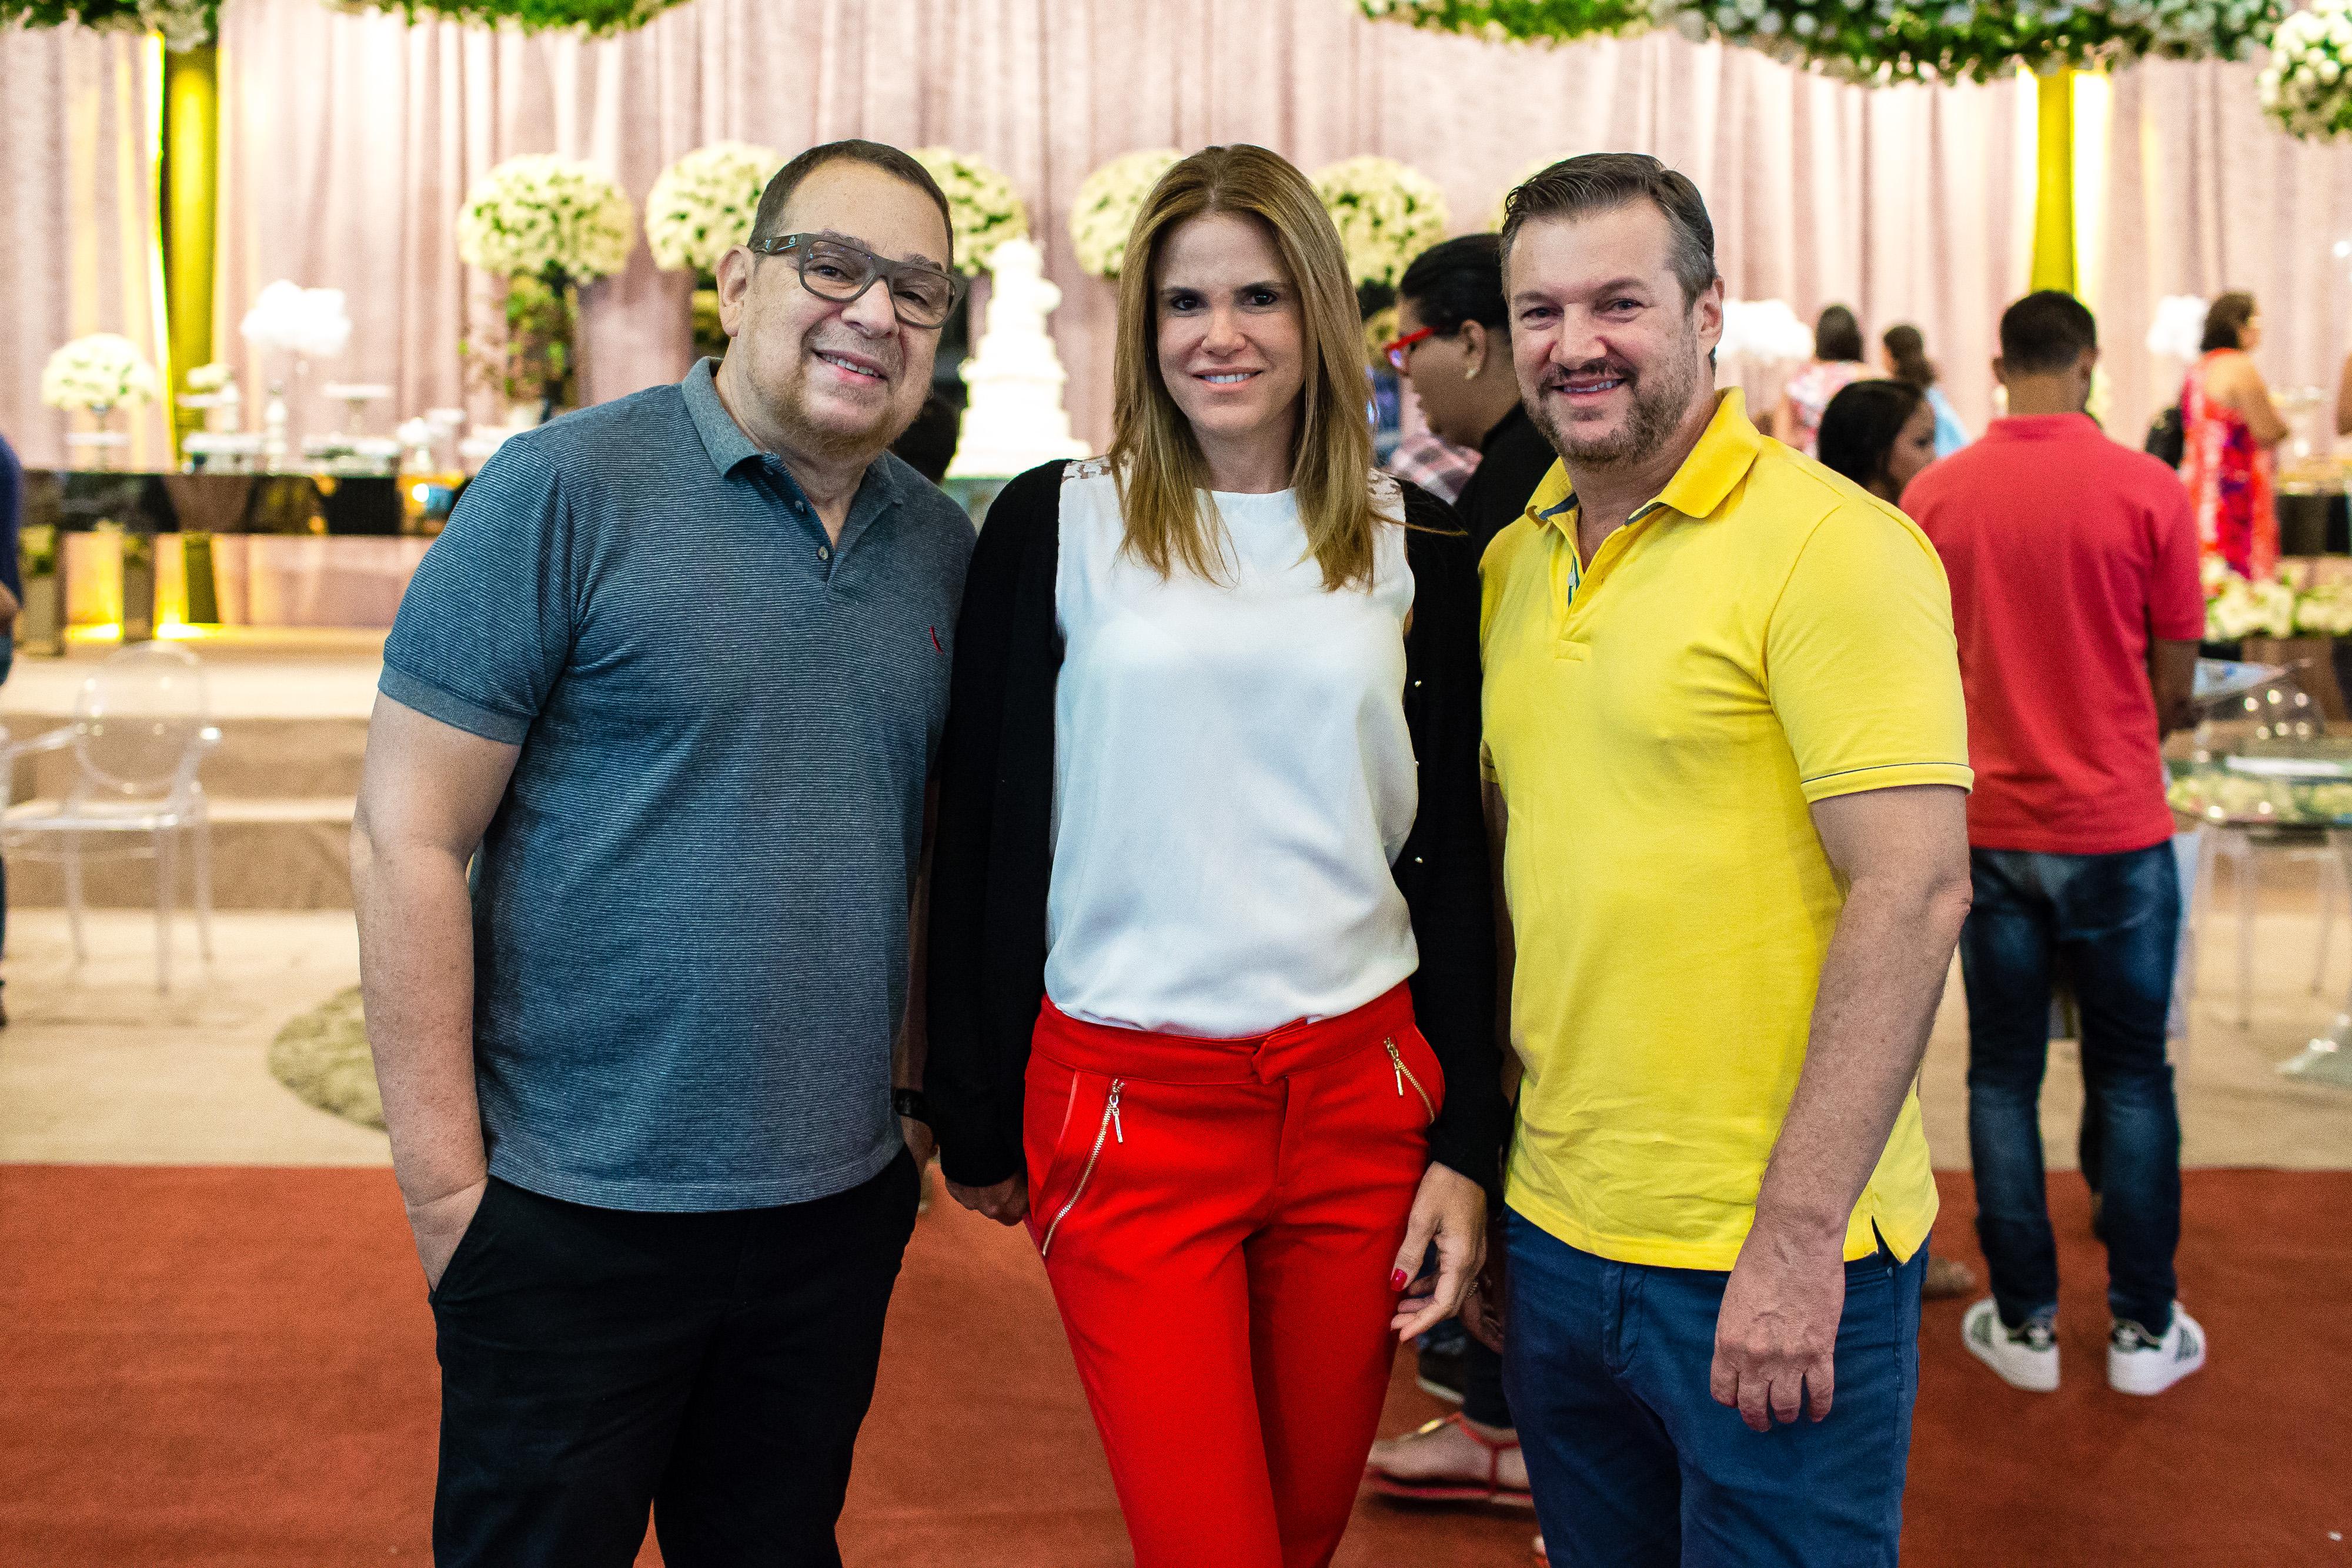 Os organizadores Jairo Kelner, Taciana Galvão e Daniel Sierra - Crédito: Divulgação